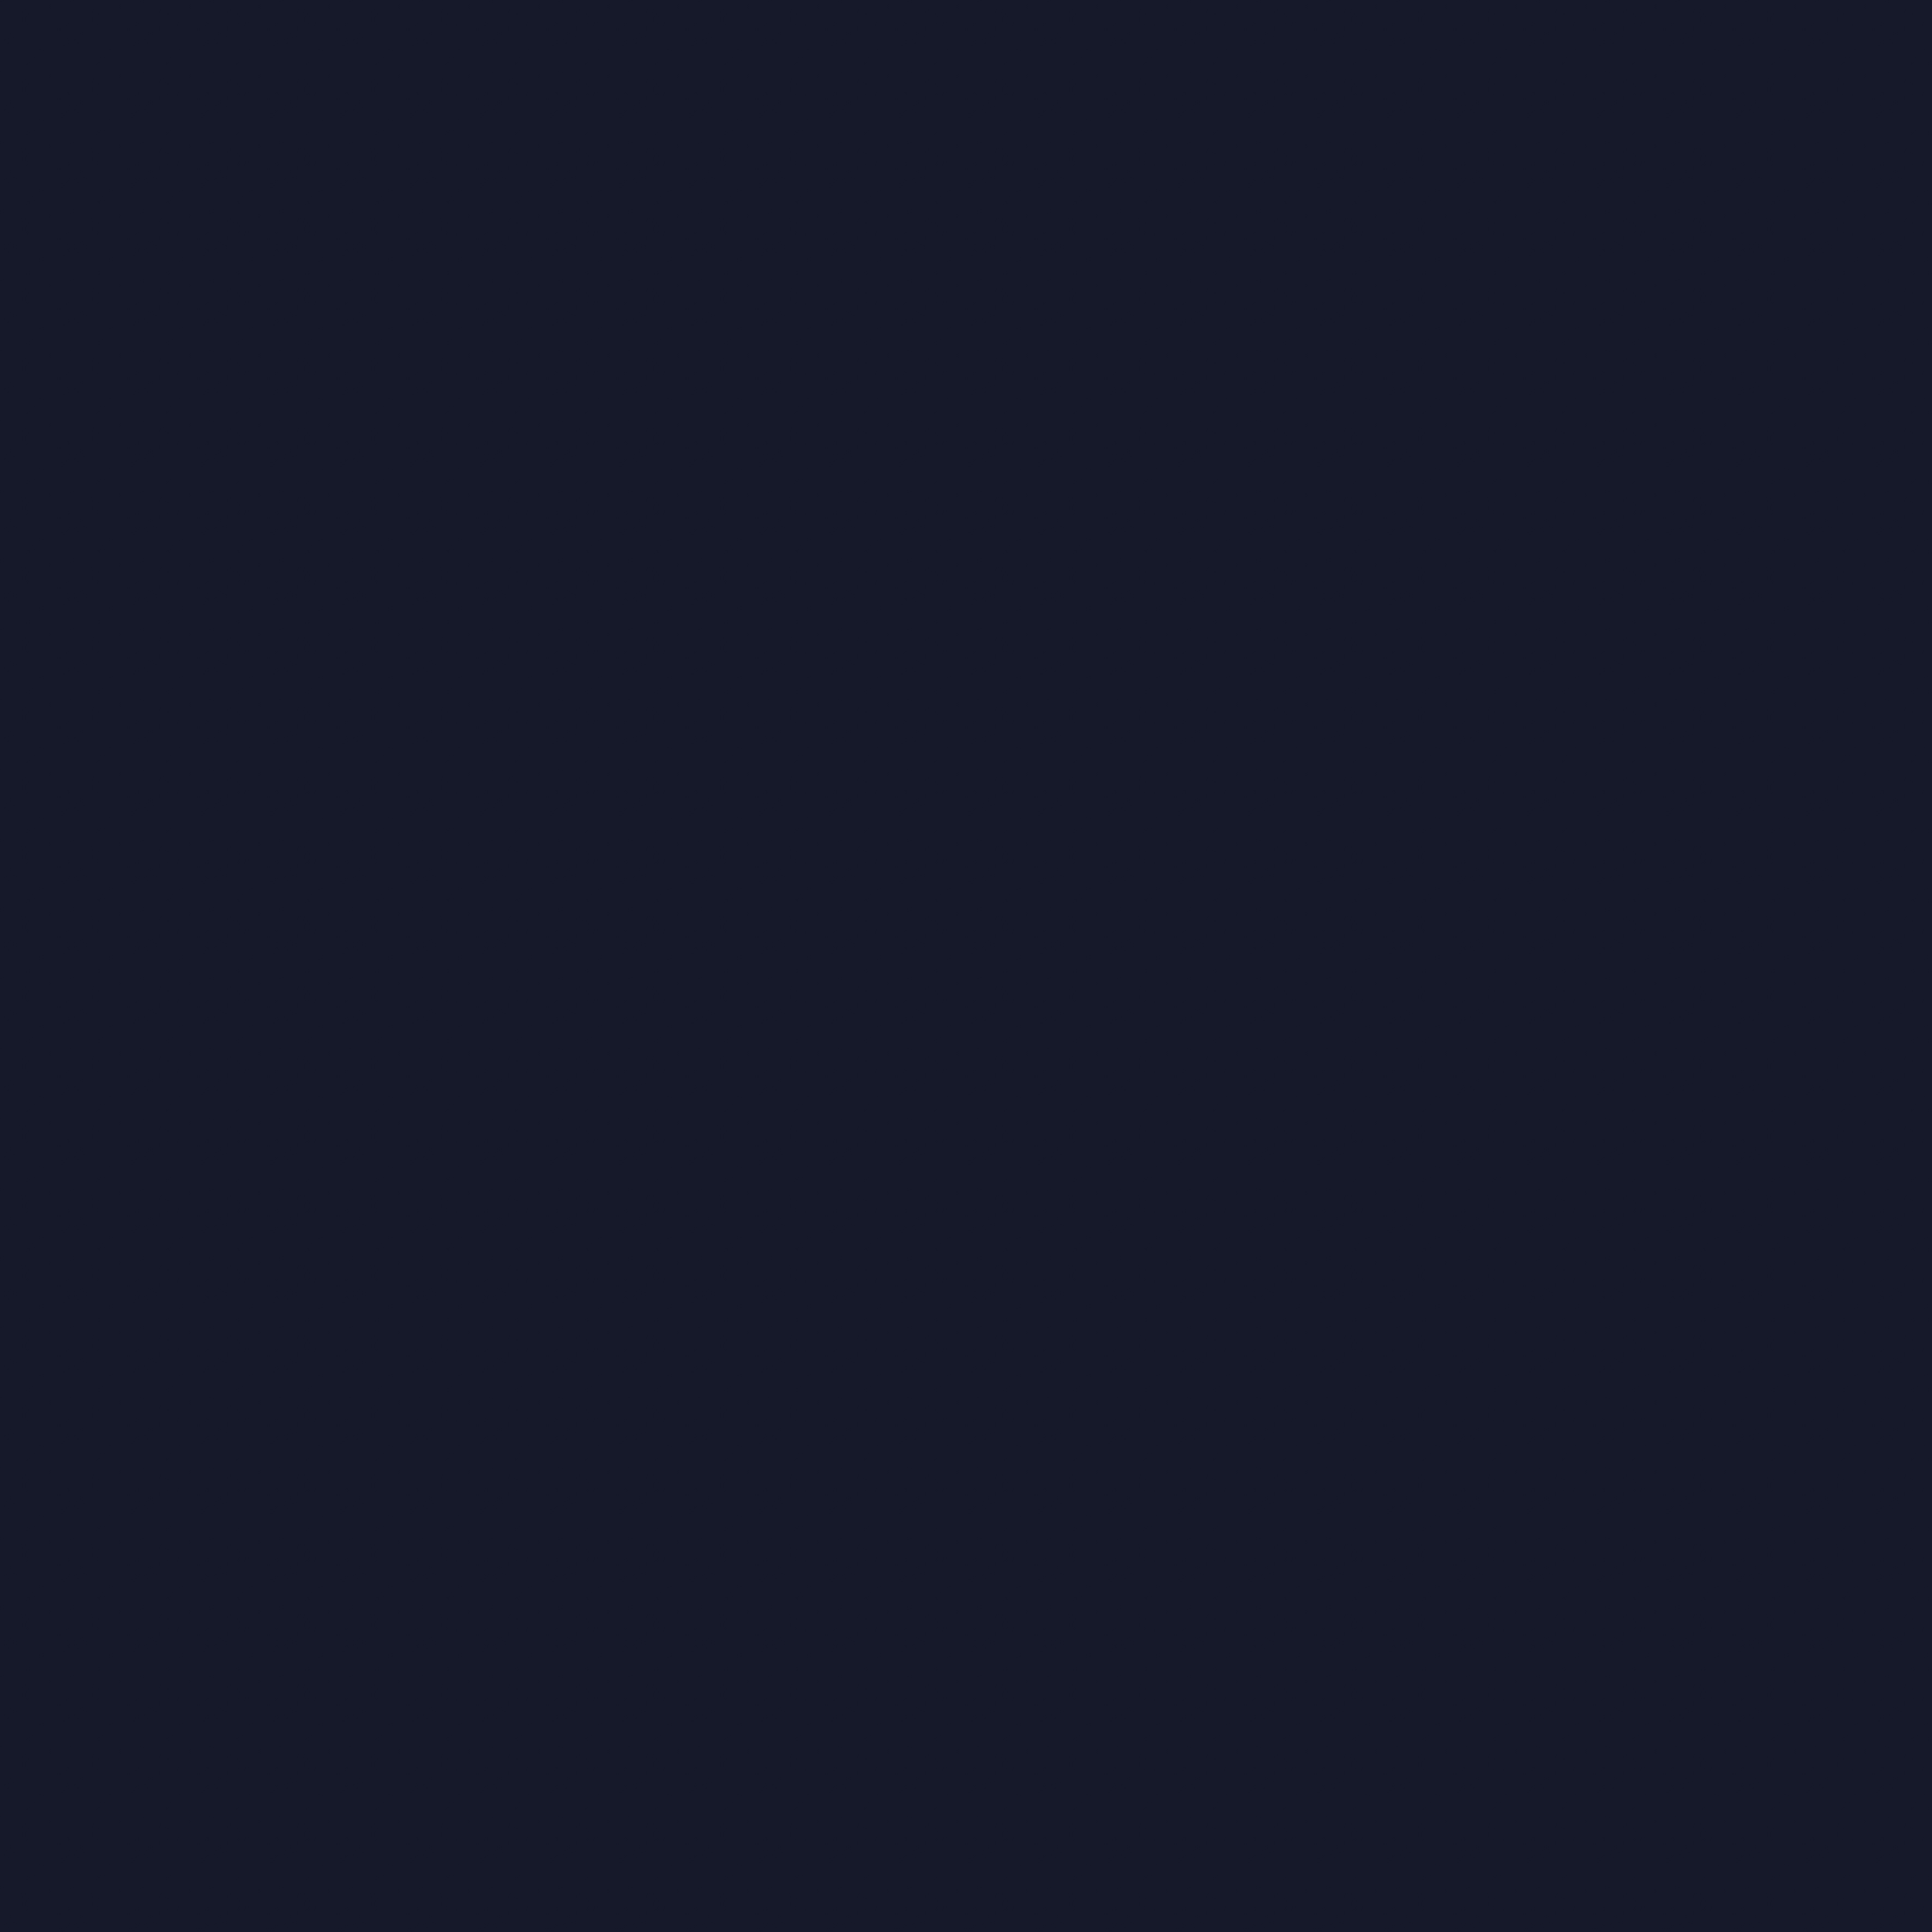 Blue Notte LO506